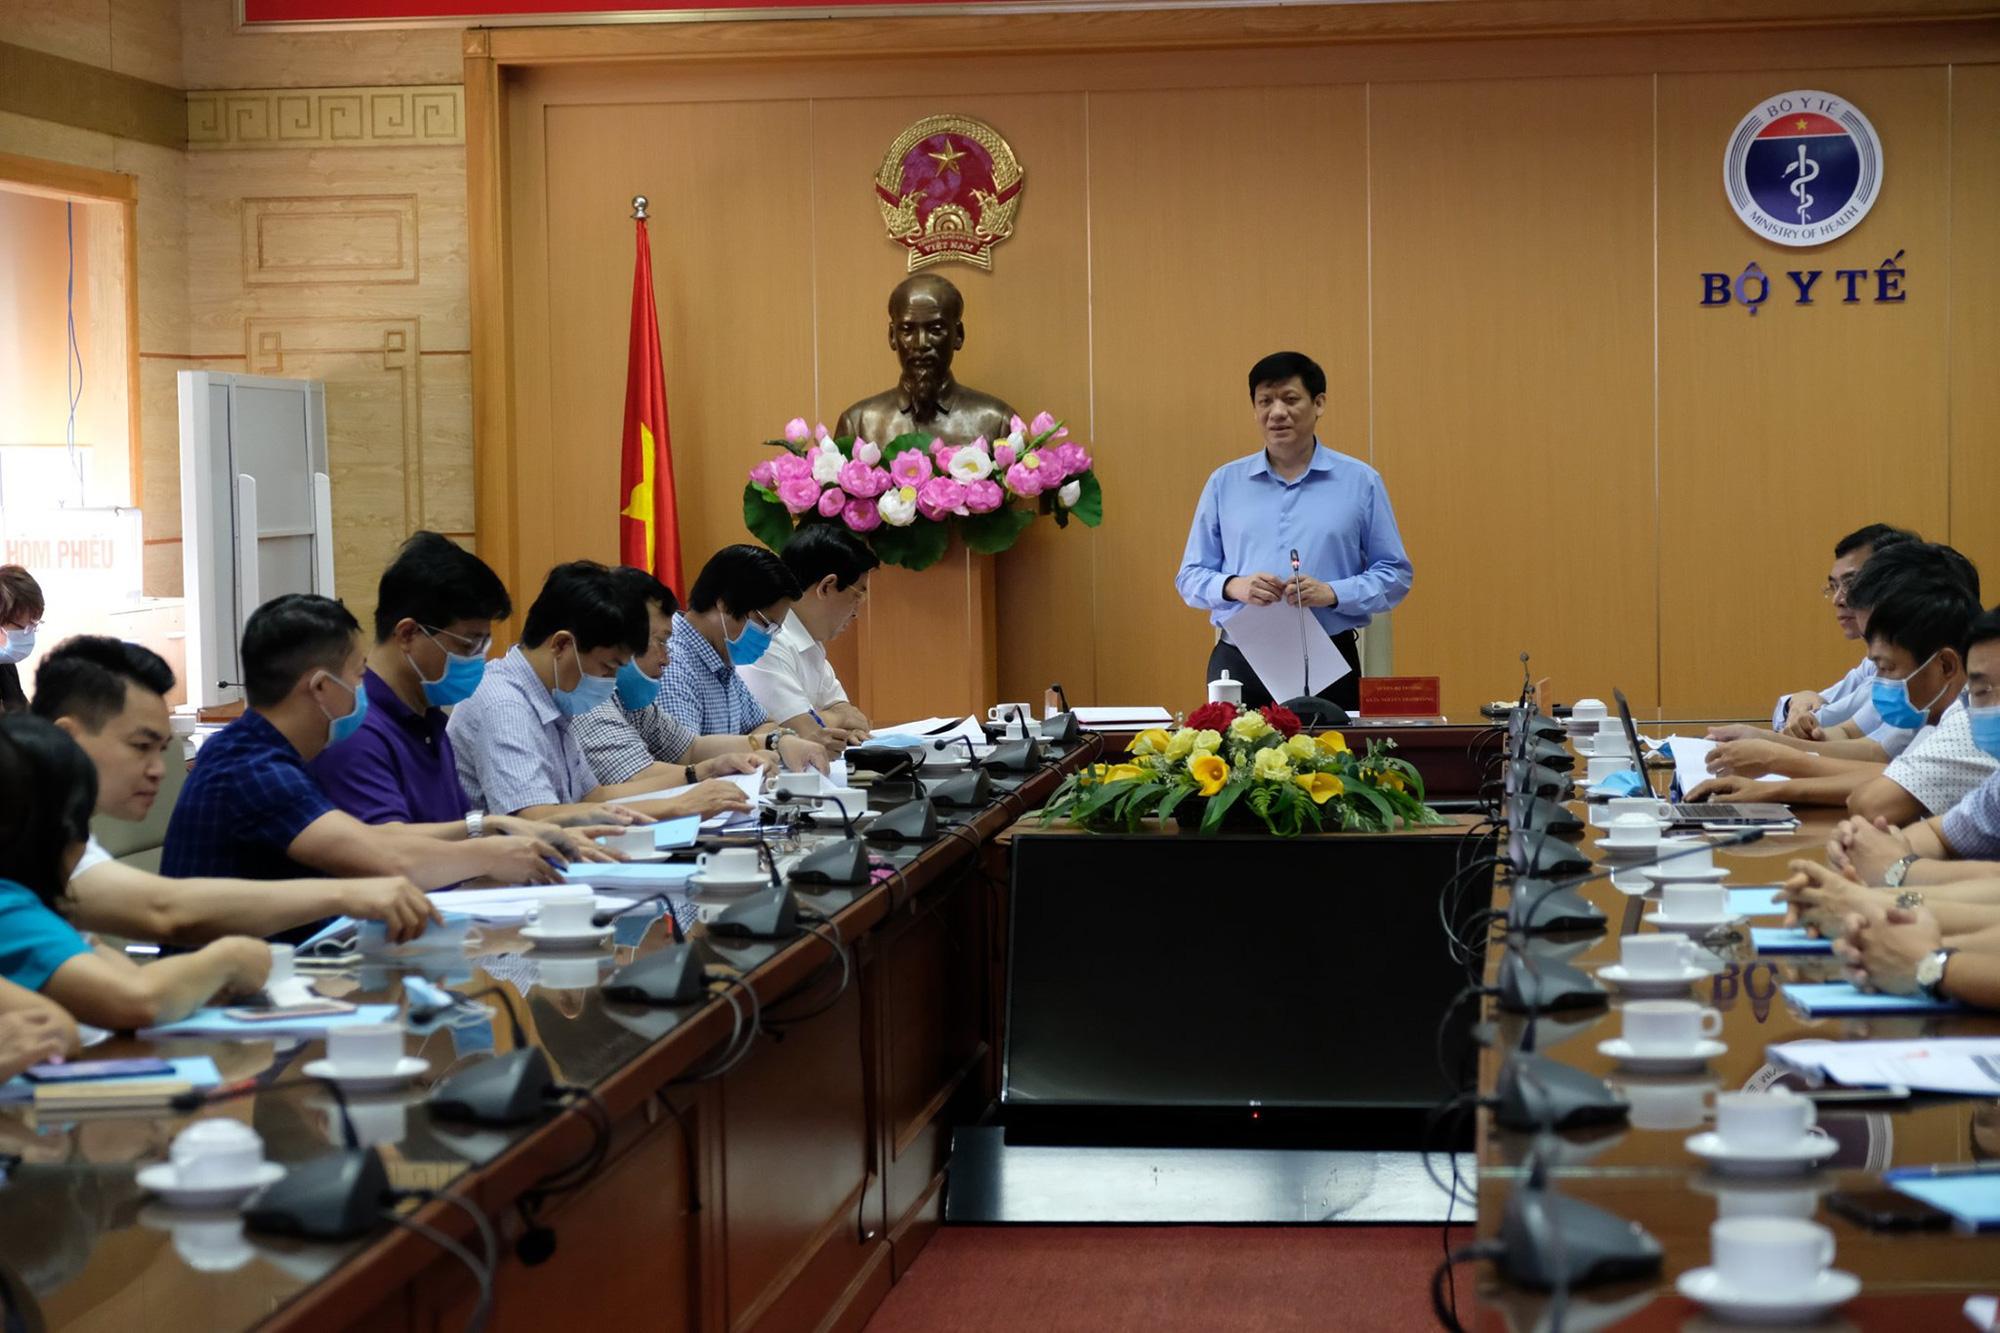 Bộ Y tế: Dịch Covid-19 tại Đà Nẵng đang rất phức tạp, tâm dịch được xác định tại 3 bệnh viện-1